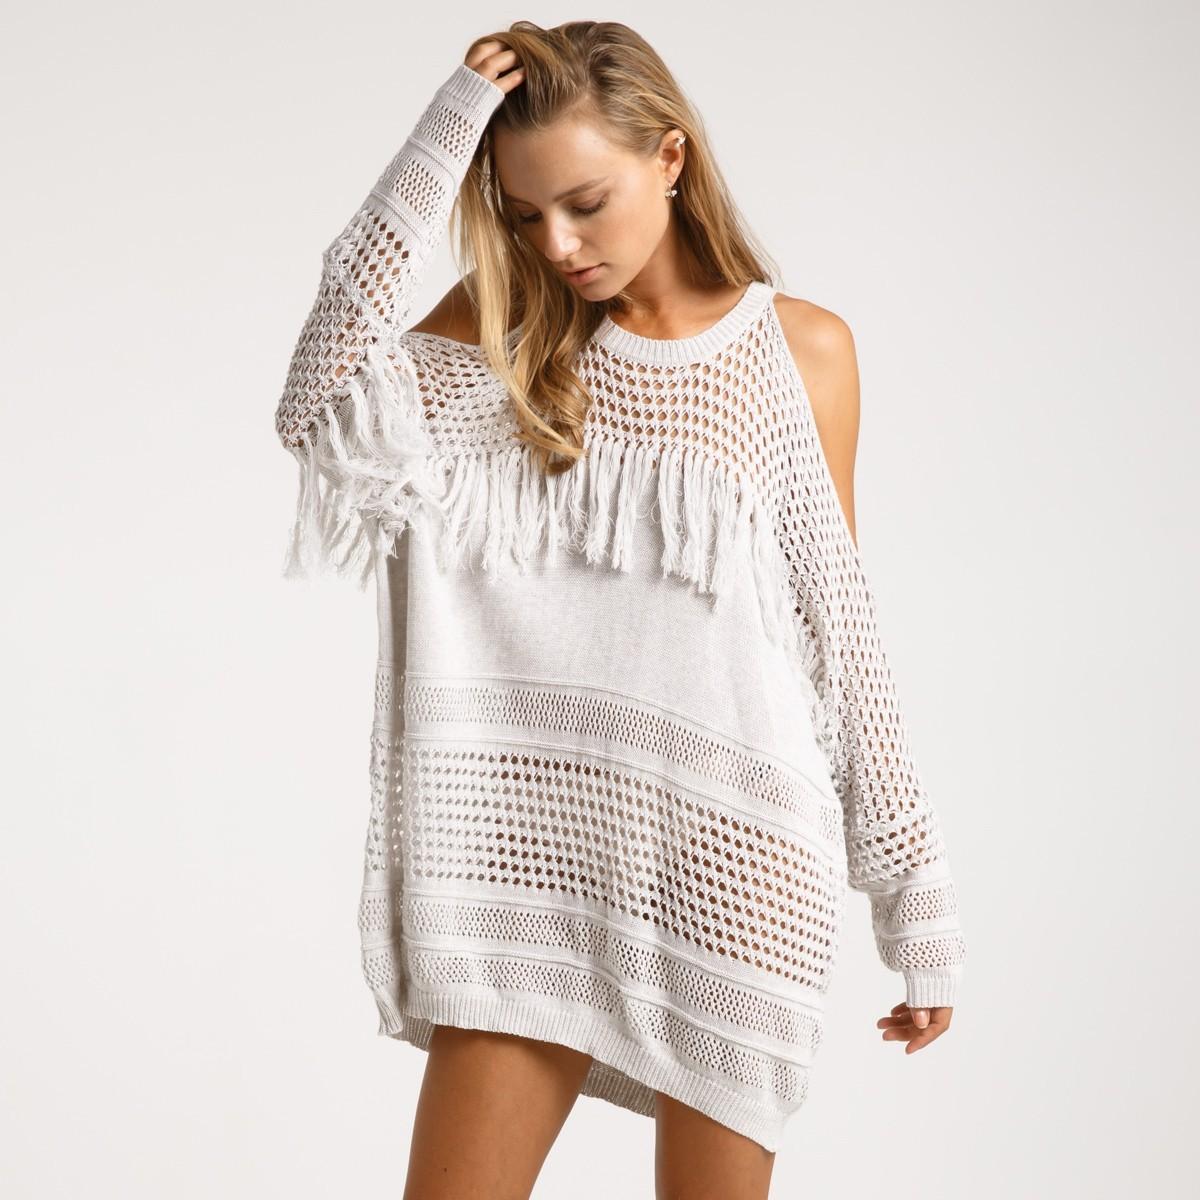 Пляжное платье с бахромой купить интернет